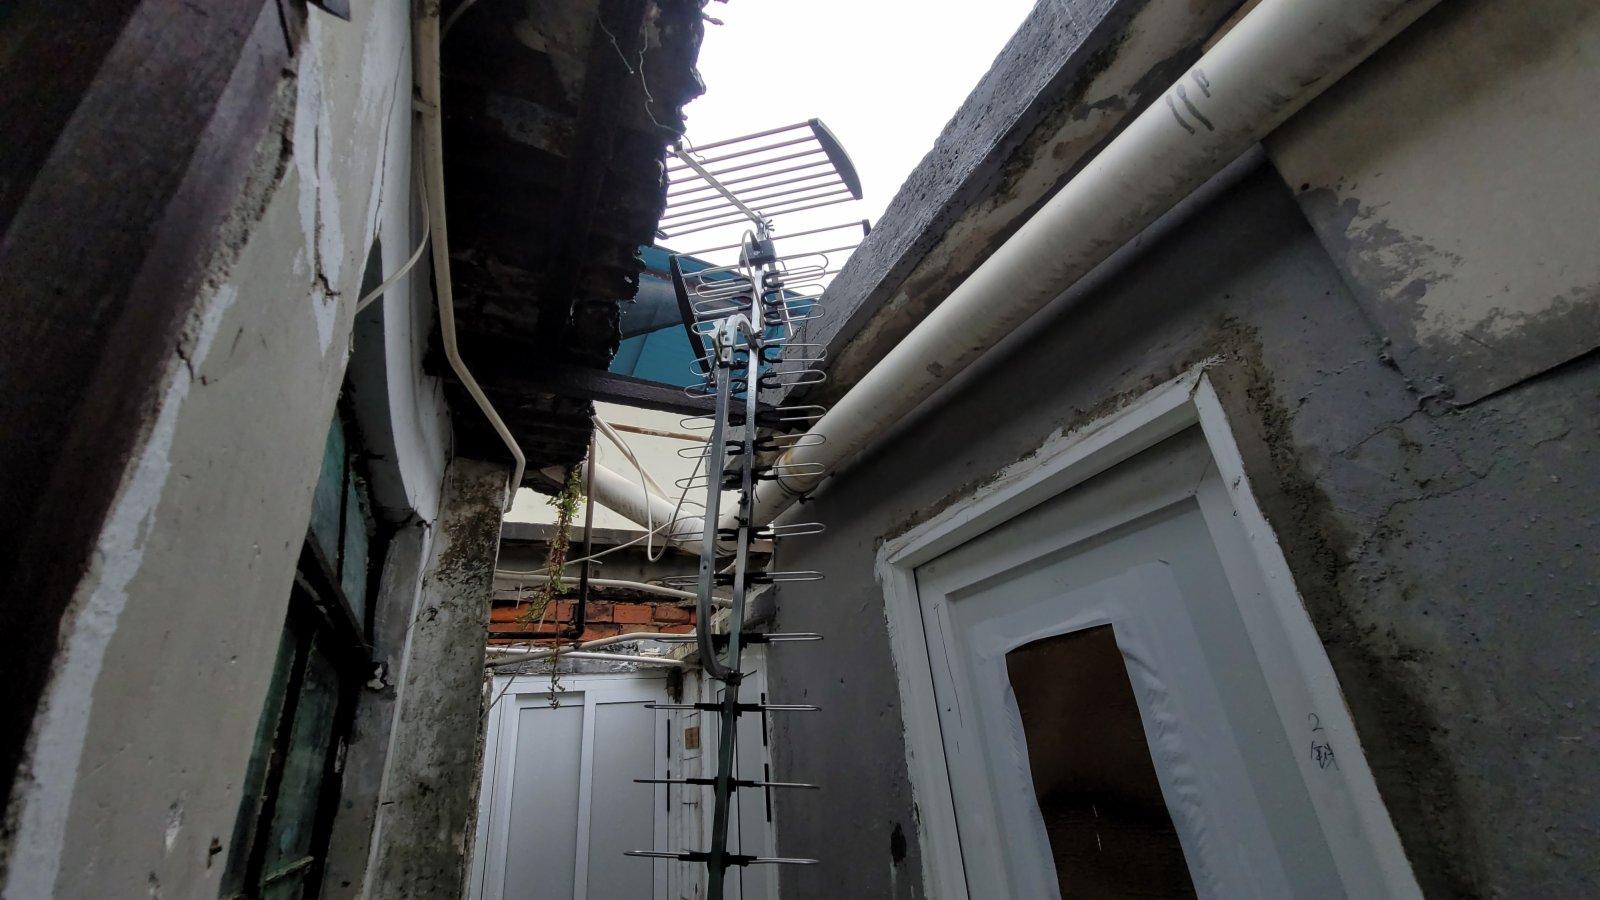 因為店鋪位置身處海邊,連續兩個8號波也有造成一定的損毀,原本架在天井的電視接收天線被強風吹至折斷,部分零件散落地下。